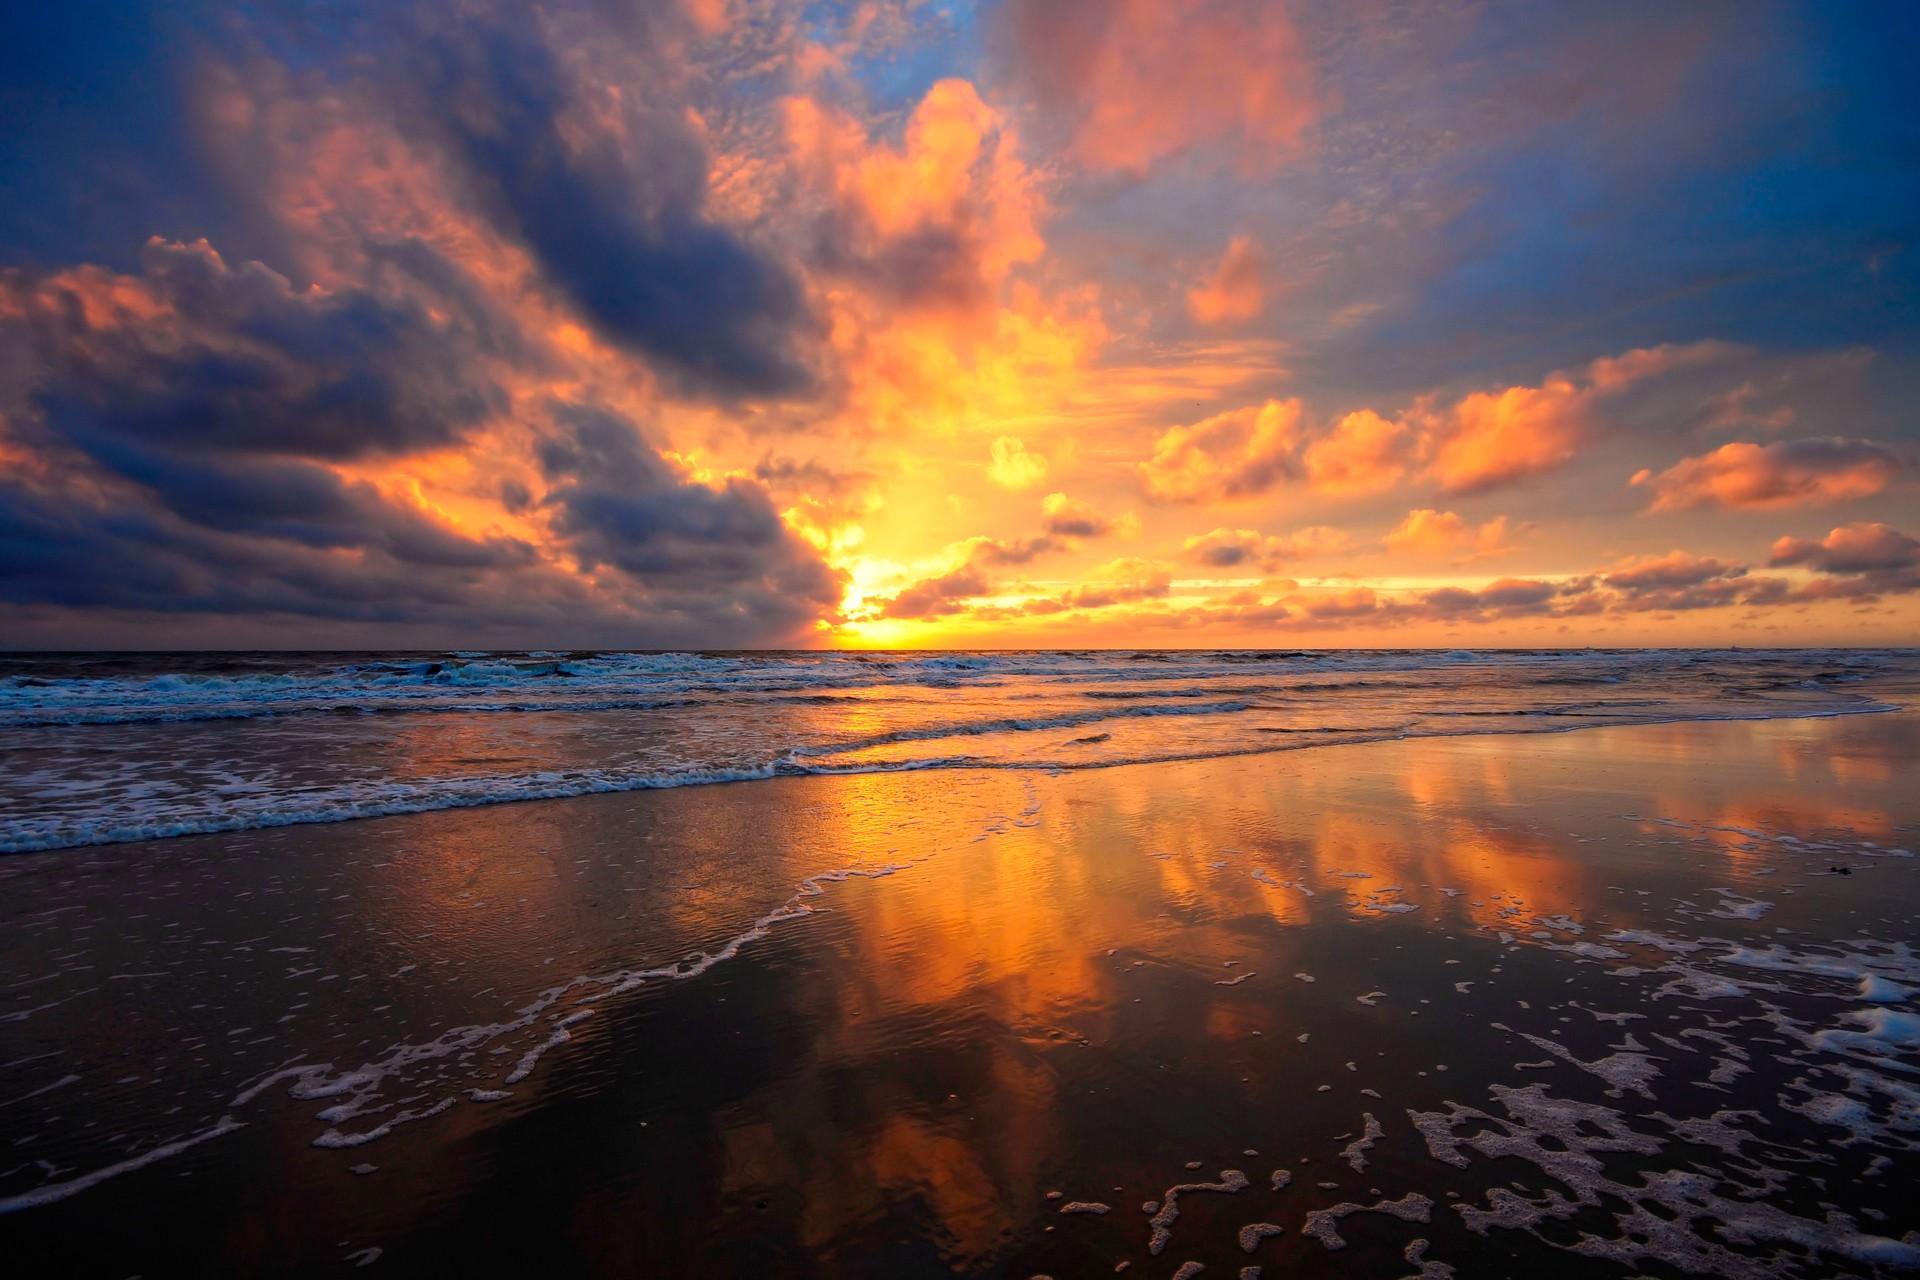 sunset clouds wallpaper,sky,horizon,nature,cloud,sea